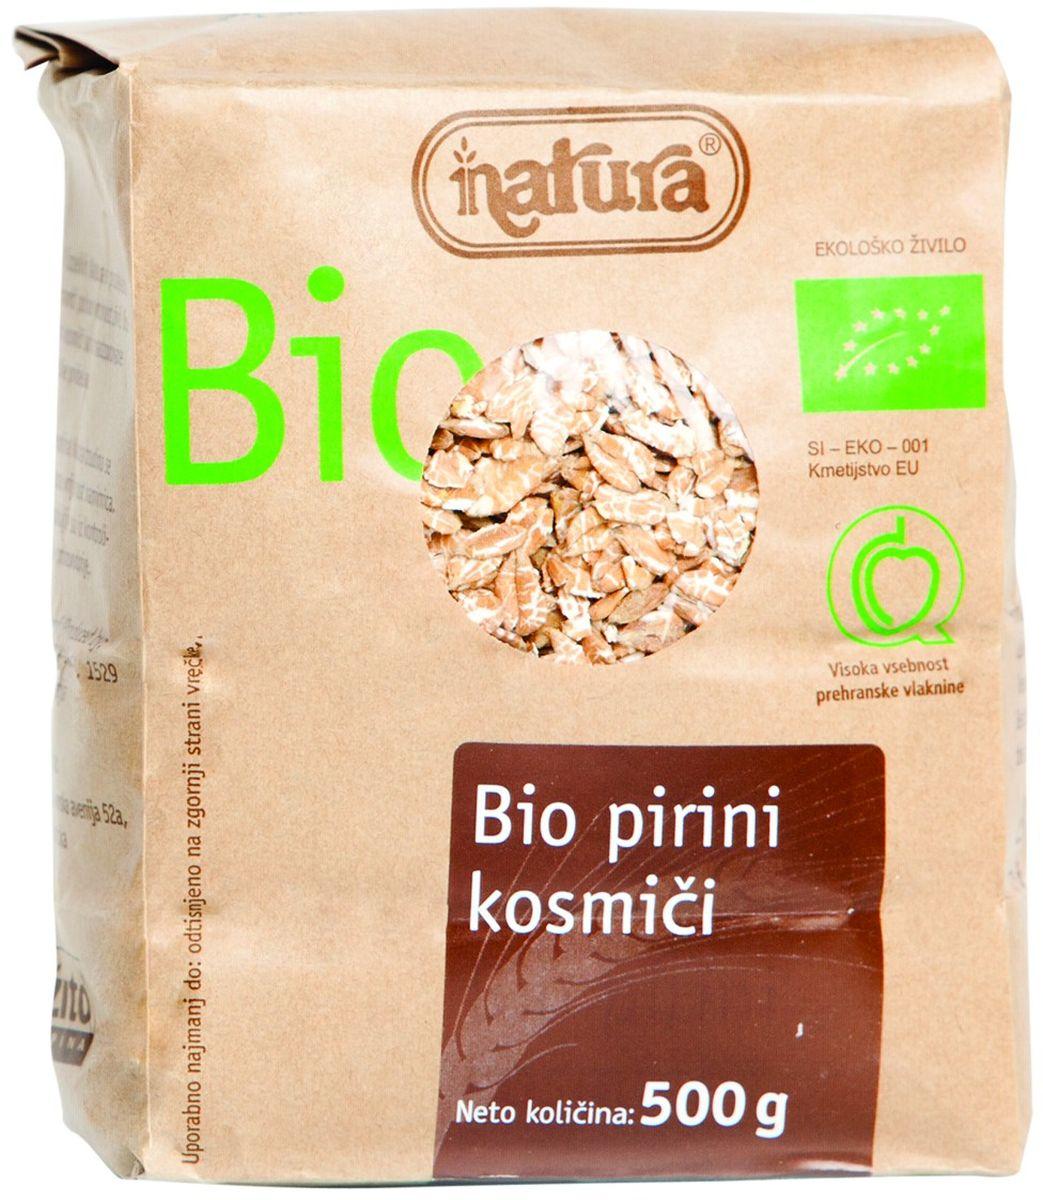 Zito Natura Bio Хлопья из спельты органические, 500 г3400203Компания Zito расширила свой продуктовый ряд хлопьями спельты, хорошо подходящими для экологической обработки. В частности, этот заново открытый злак соответствует всем параметрам идеального продукта благодаря типу и количеству основных содержащихся в нем веществ наряду с уровнем витаминов и минералов. Органические продукты Natura имеют маркировку в соответствии с законодательством и европейскую экологическую маркировку сертифицированных органических продуктов питания, так как при их производстве не используются удобрения и распылители, запрещенные в органическом производстве и обработке. Органические продукты произведены под контролем SI – EKO – 001. Органические продукты Natura производятся в регионах, где природа пока еще живет своей жизнью. Они попадают на полки магазинов и на столы людей, выбирающих здоровое питание, в той же форме, в которой их создала природа: натуральными, питательными и здоровыми. Разнообразные натуральные зерна и семена обладают всеми...